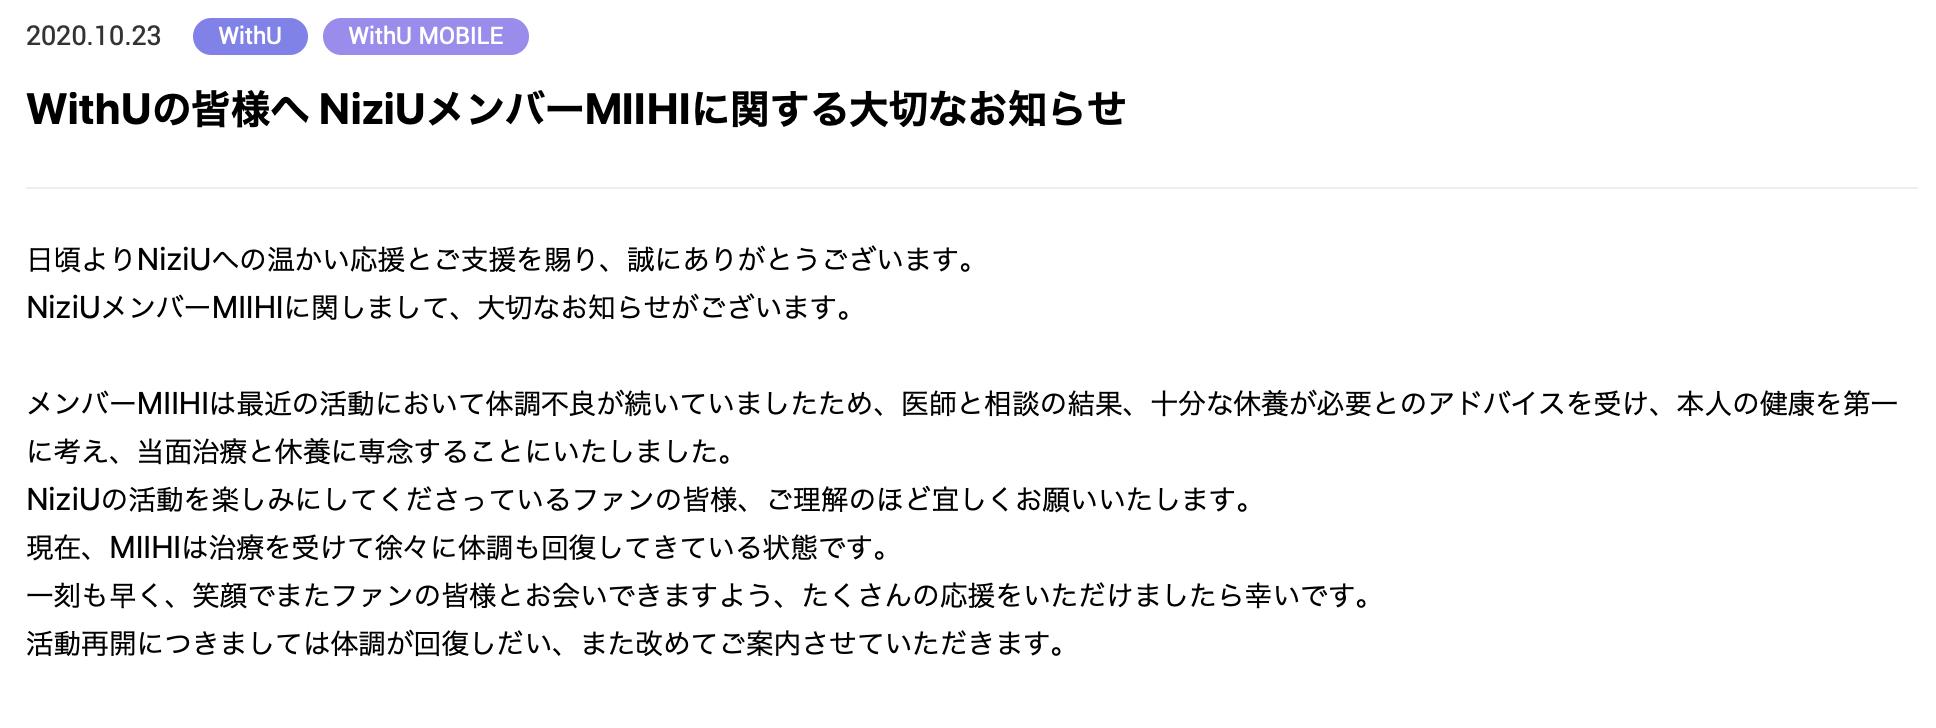 公式サイトでミイヒの活動休止が発表された